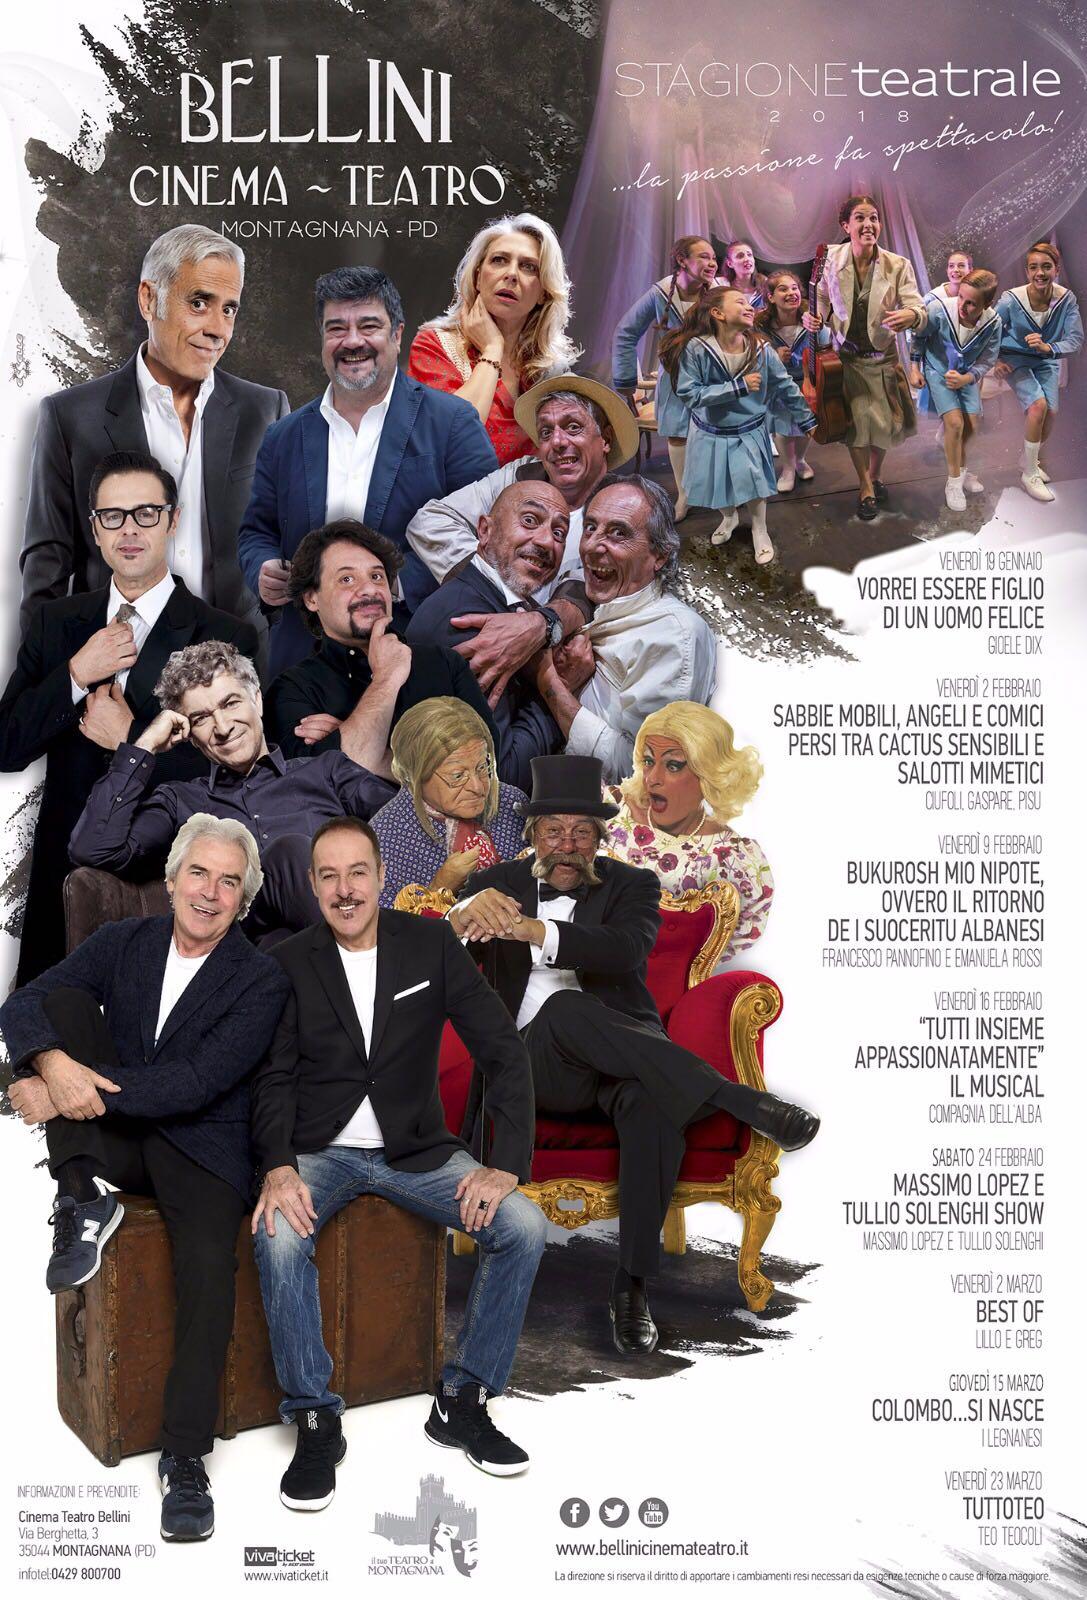 Grandi nomi e grasse risate a teatro